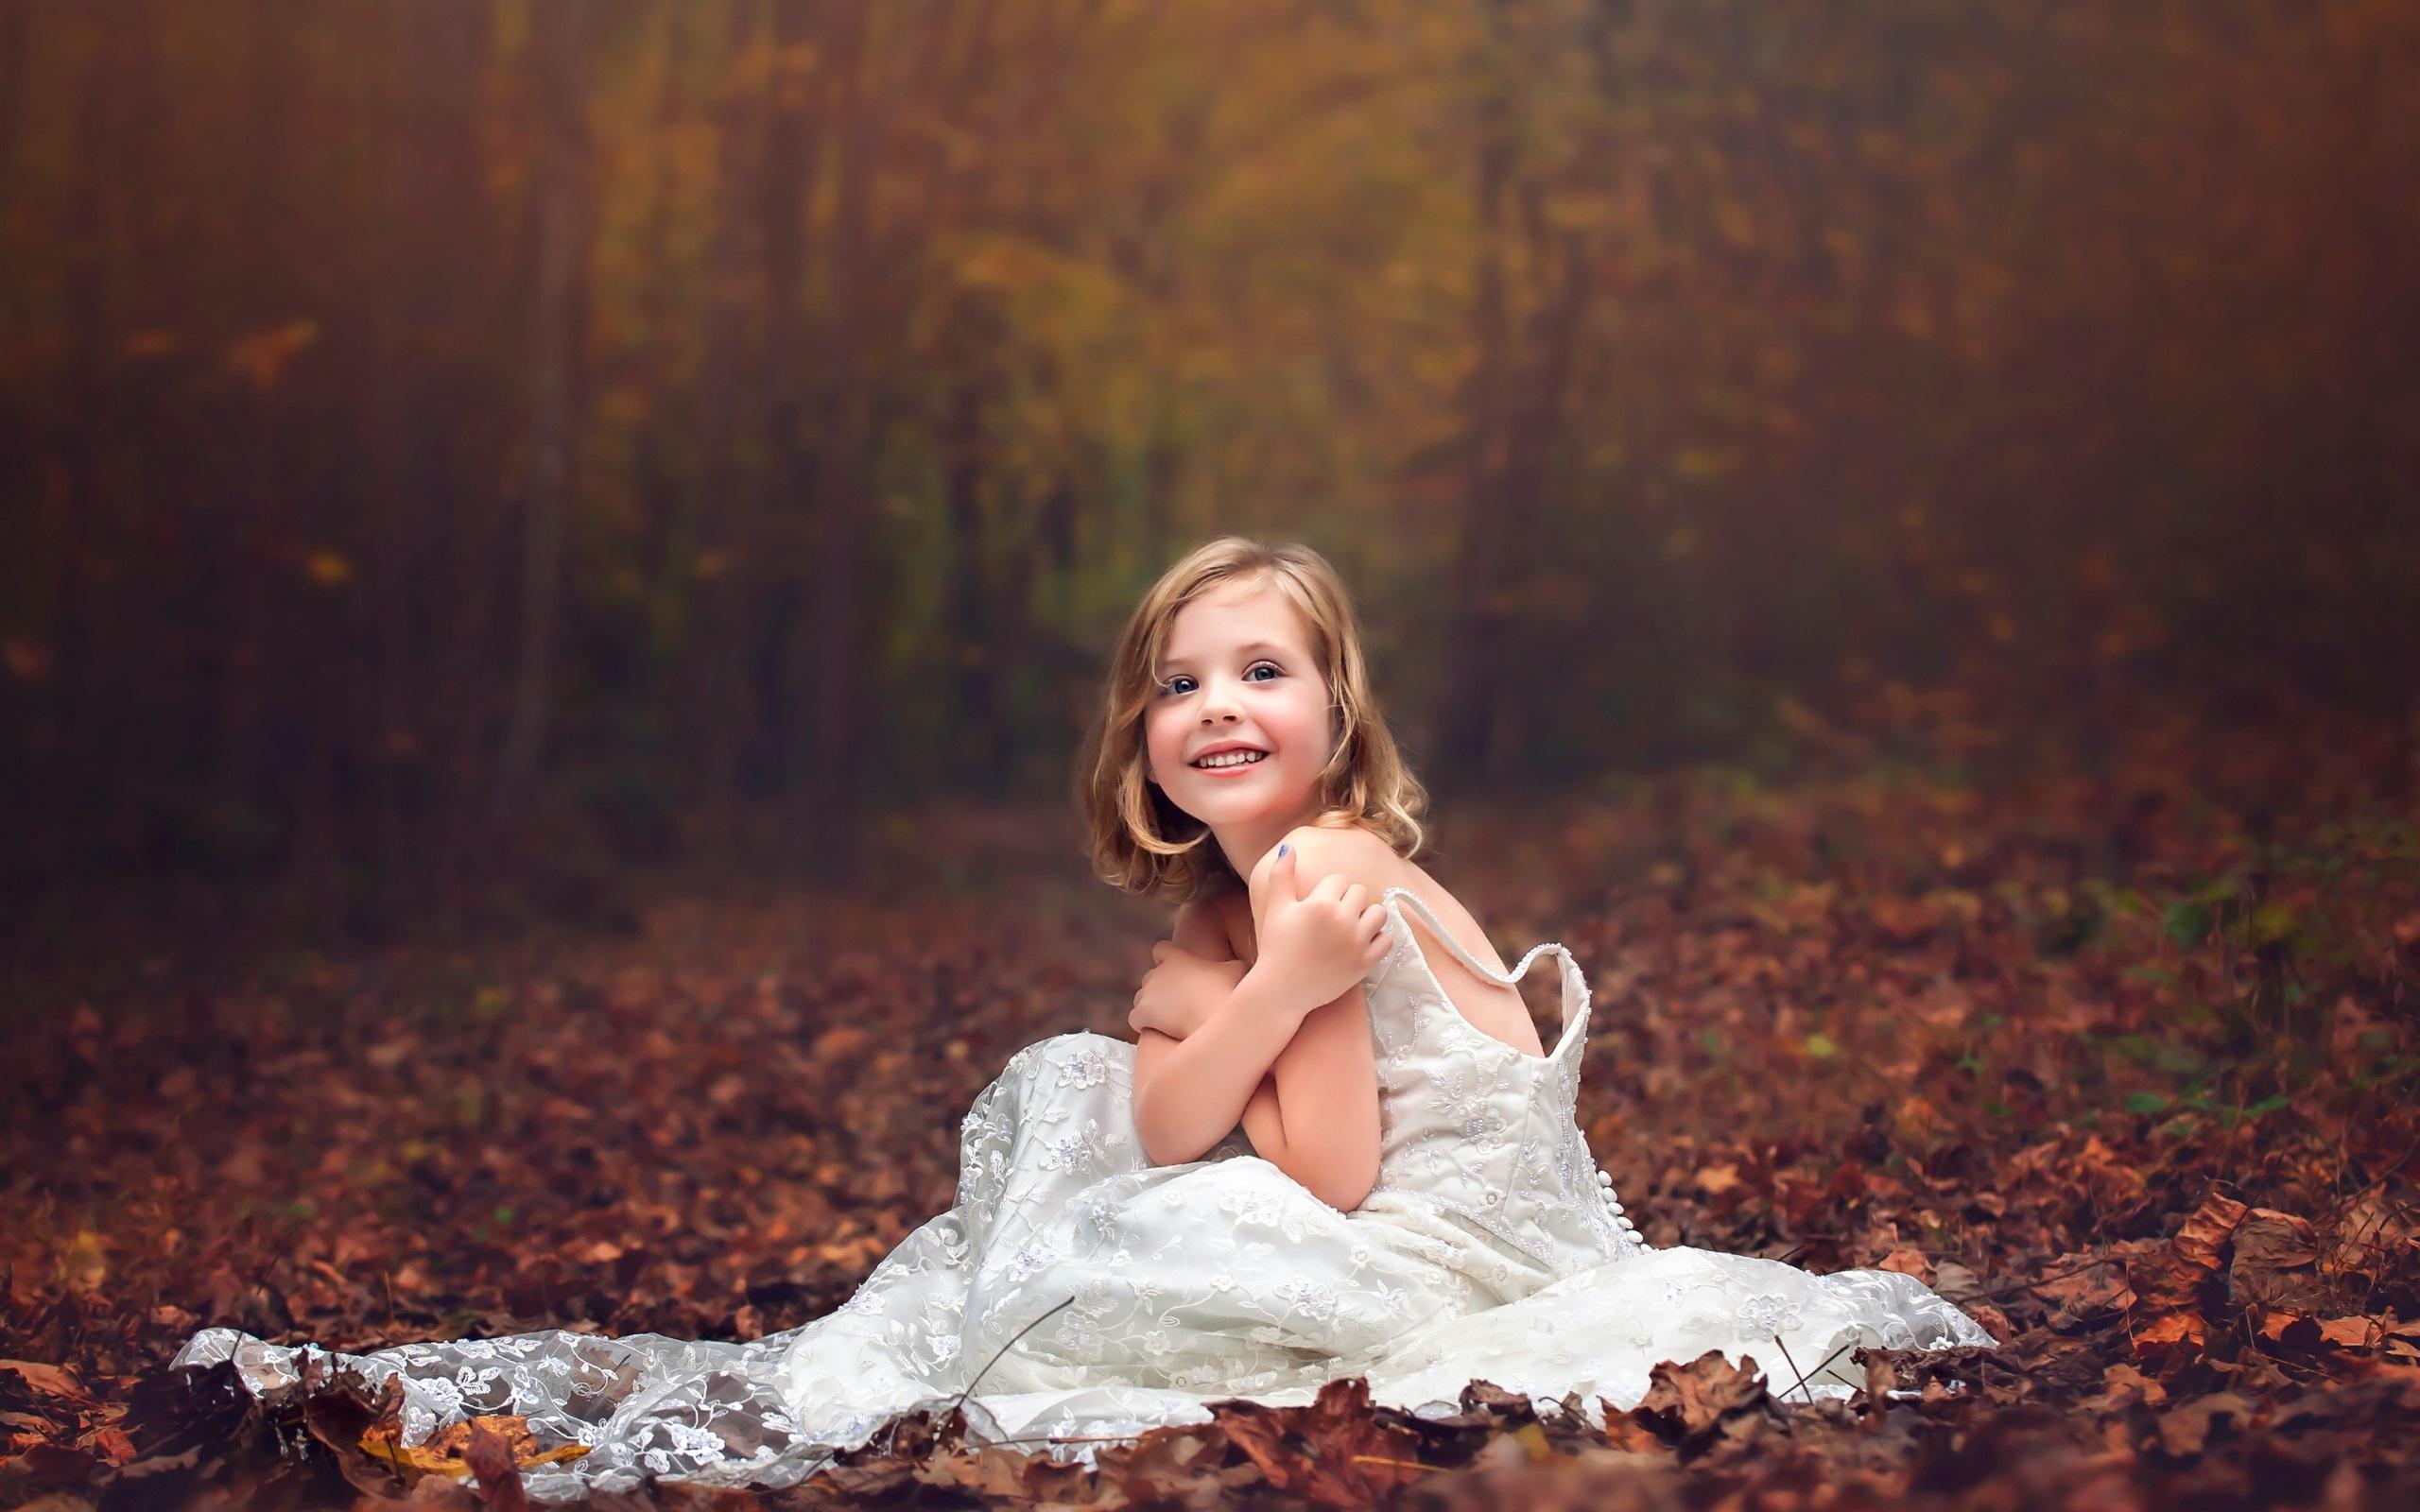 Wallpaper Wedding dress little girl, forest, autumn 2560x1600 HD ...